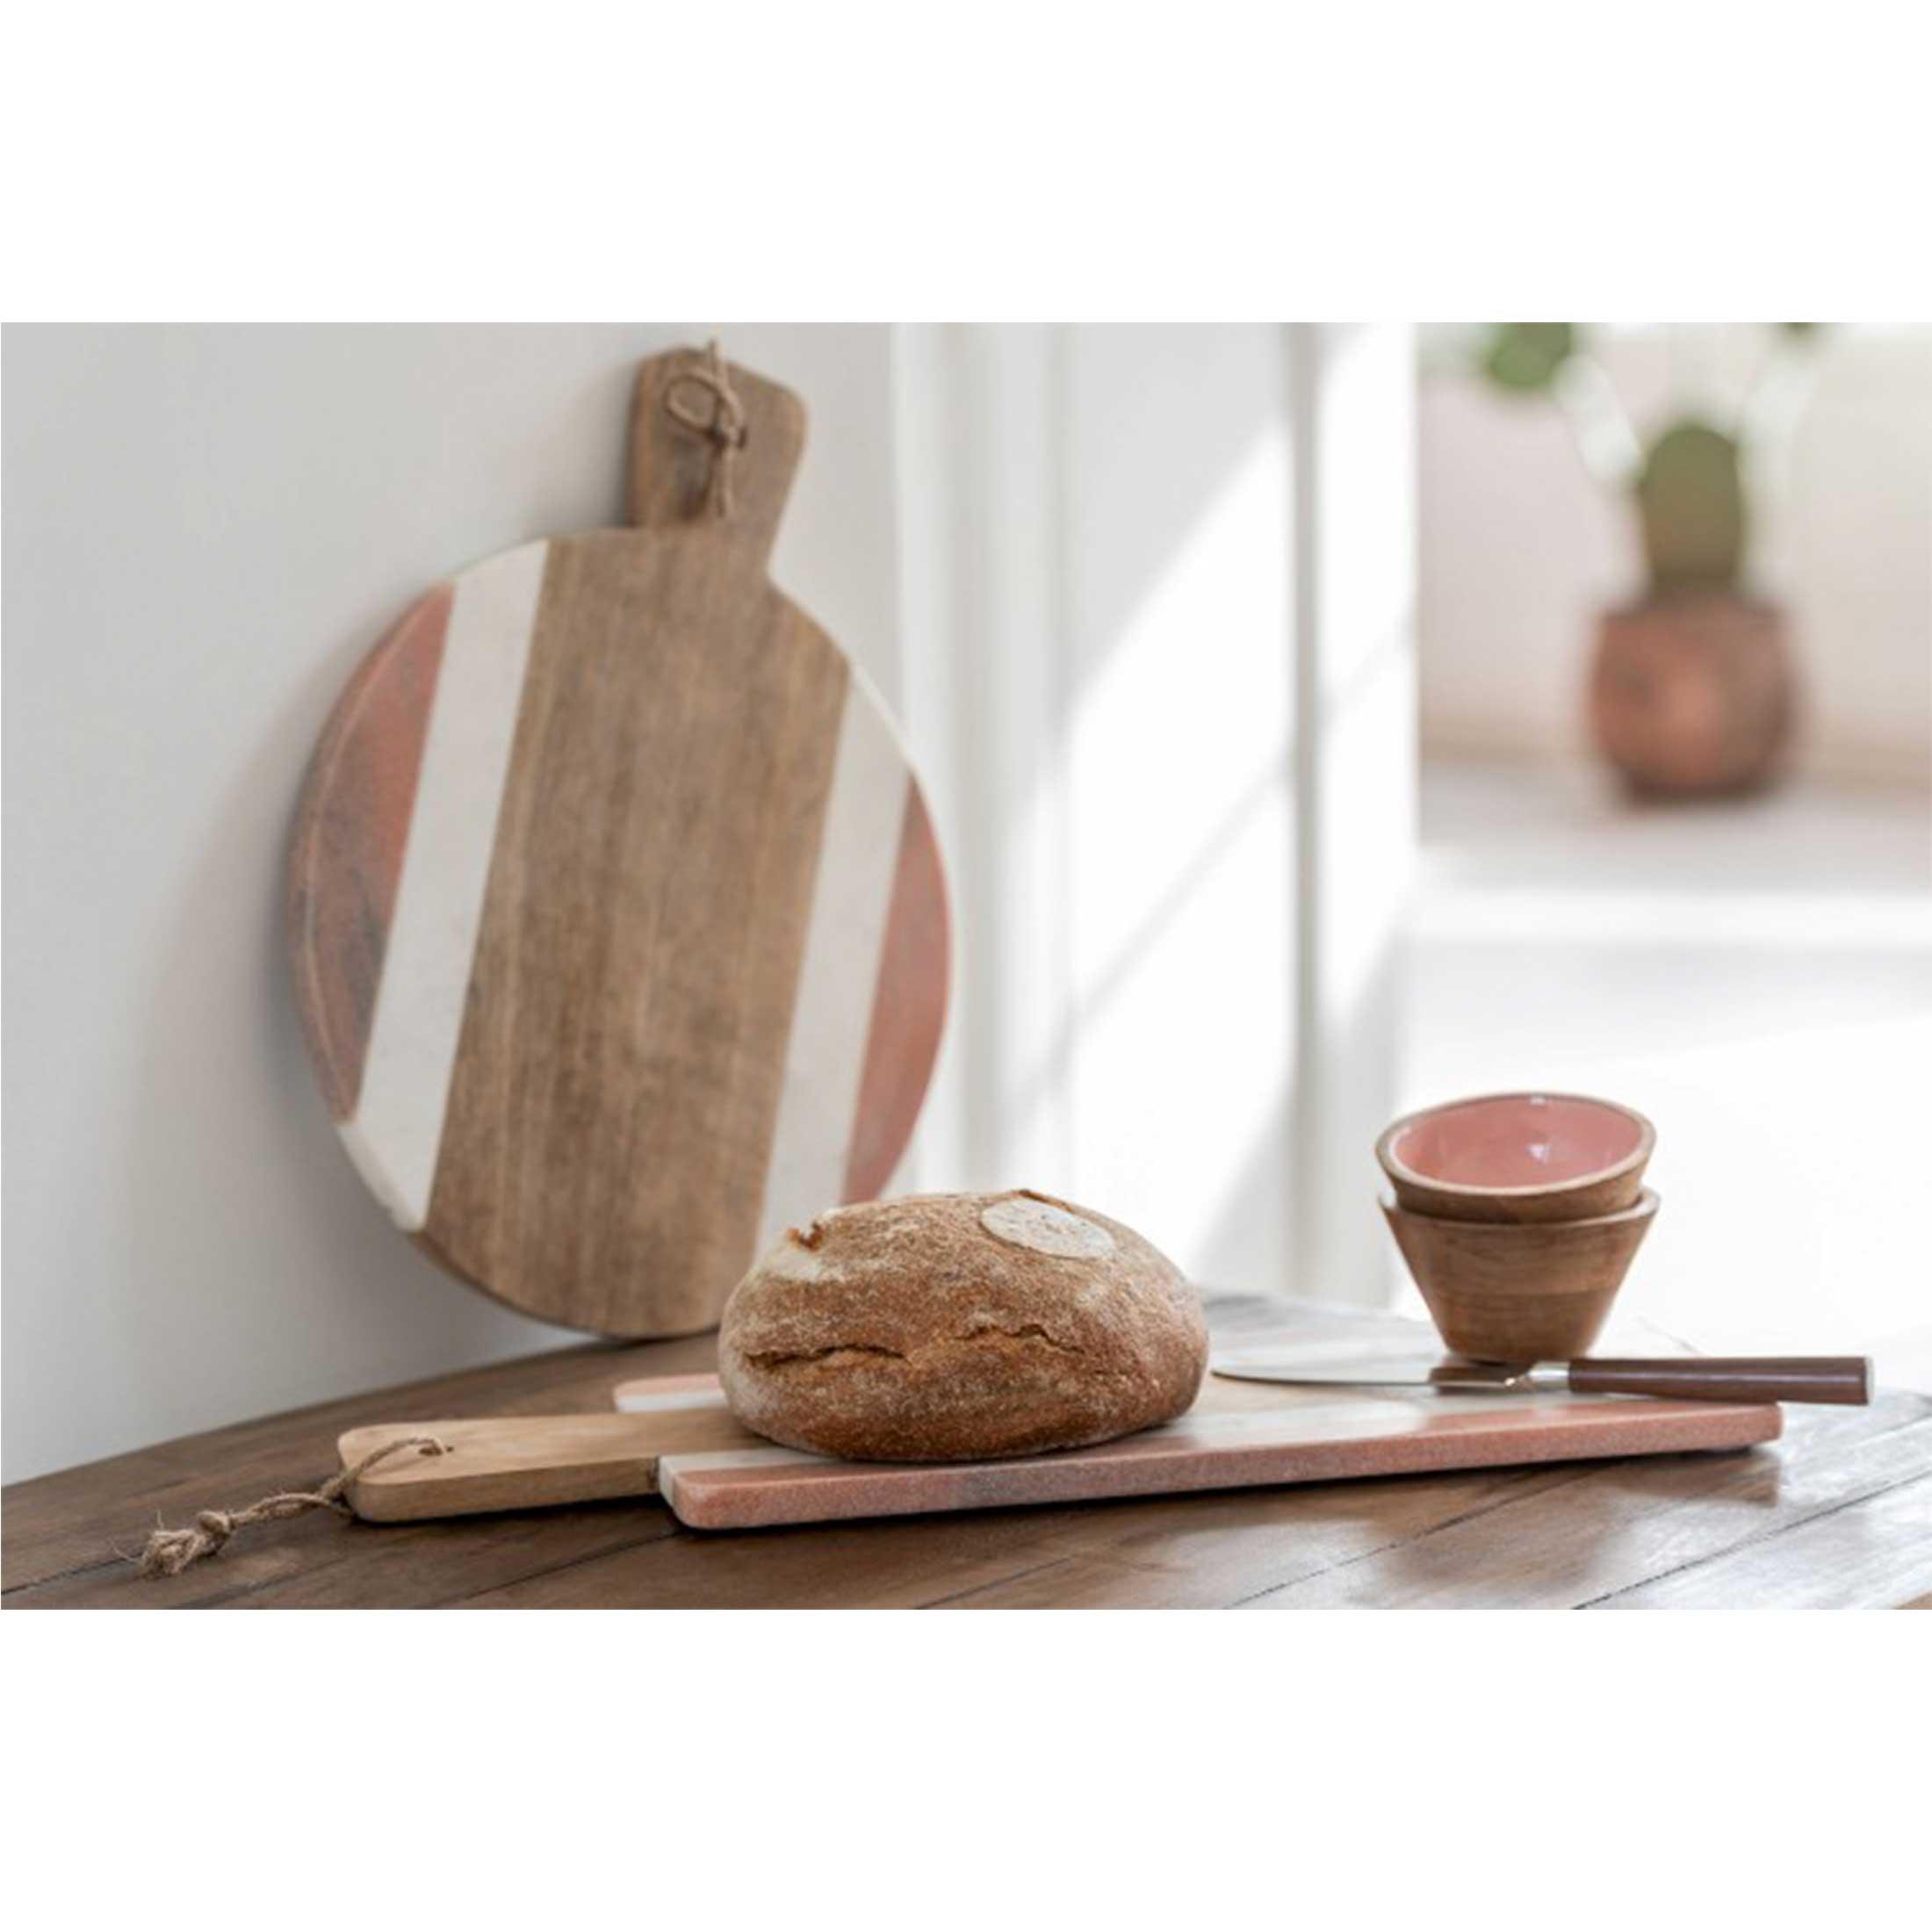 Servierbrett aus Terrazzo & Holz in der stylishen Materialkombination ♥ Ein tolles Geschenk für jeden Hobbykoch und Fans besonderer Küchendeko